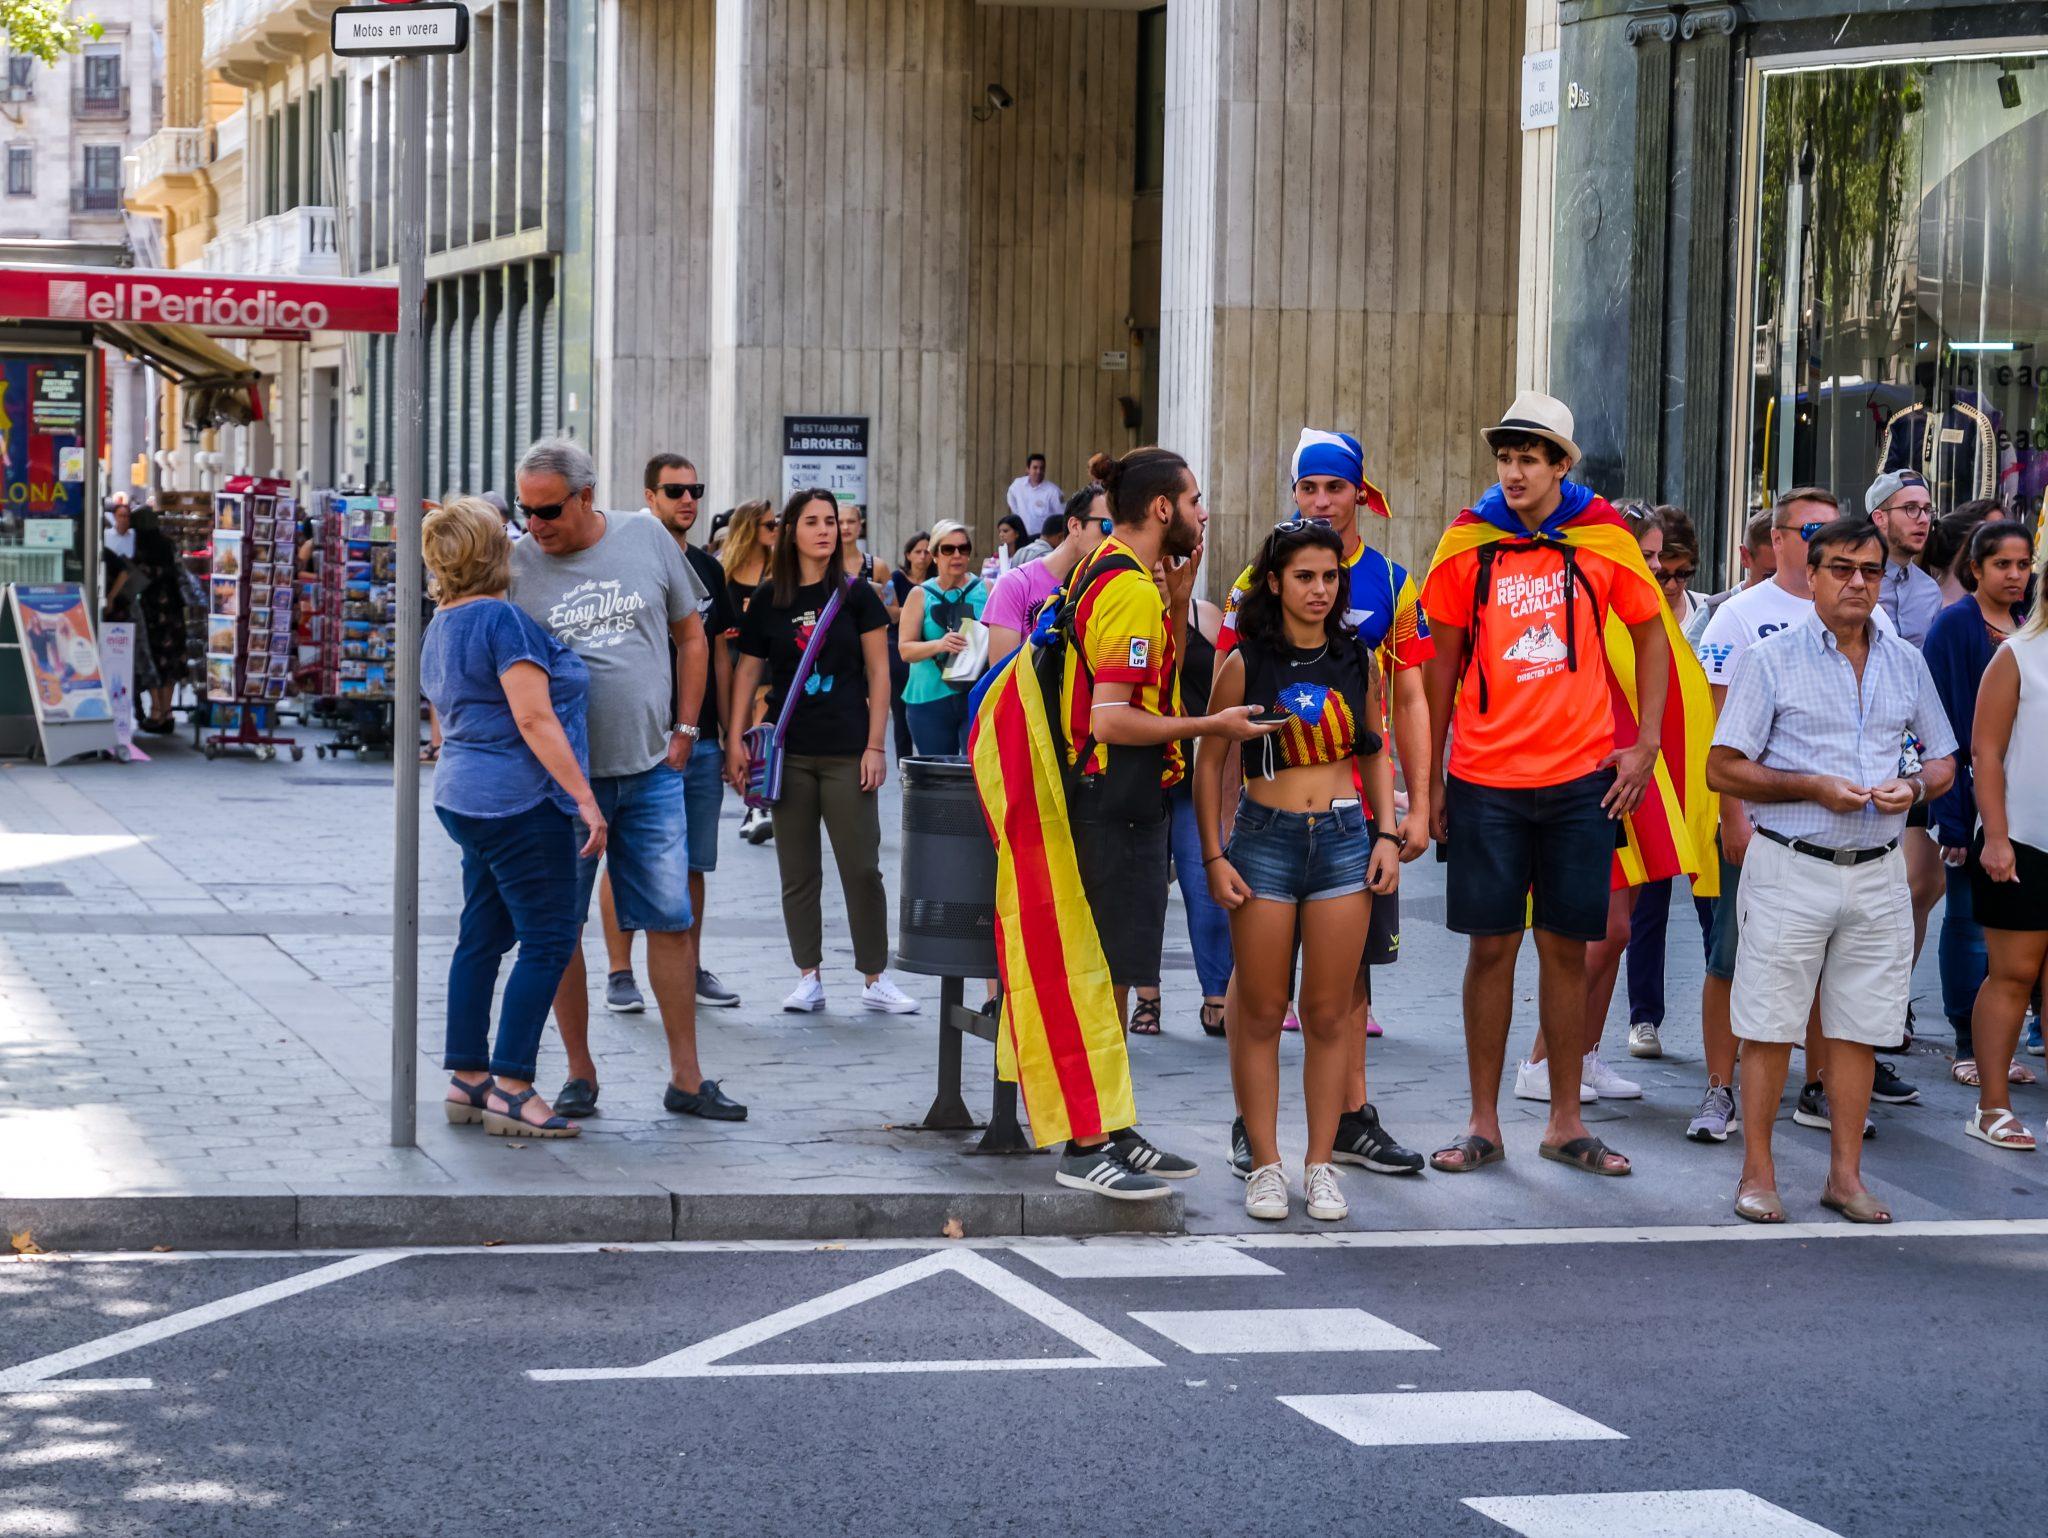 """Viele Katalanen tragen an ihrem beliebten Feiertag """"Diada Nacional de Catalunya"""" ihre Flagge als Umhang, wie hier in Barcelona, Spanien."""